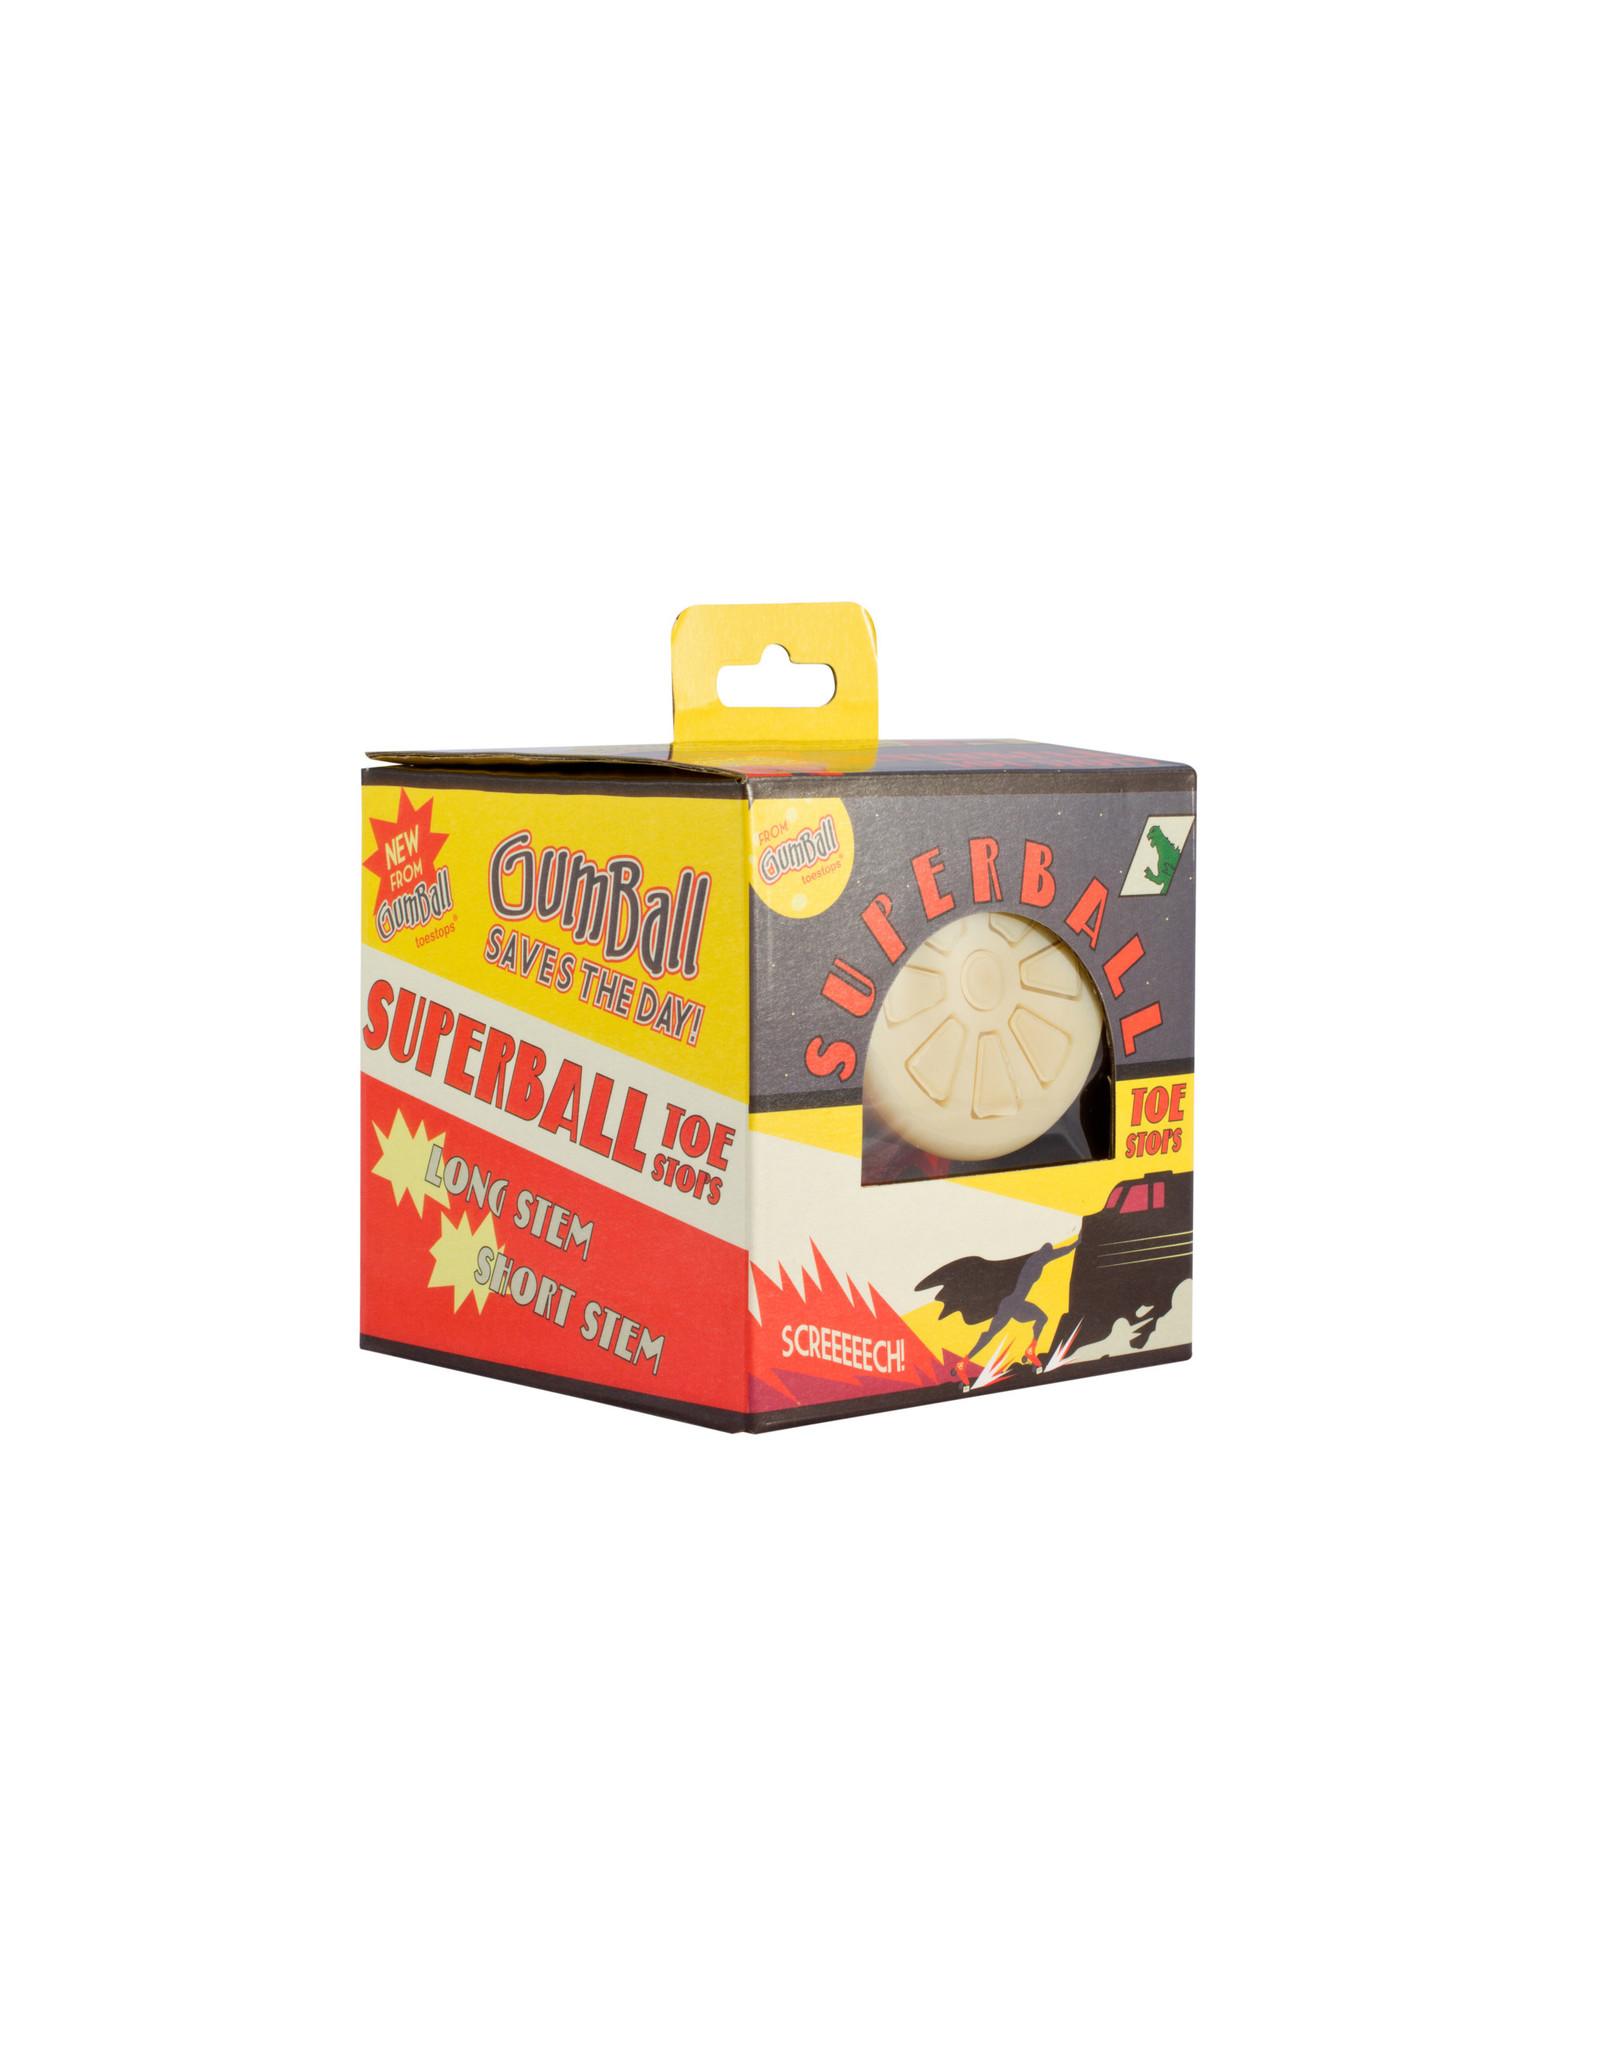 Antik Gumball Superball Toe Stop